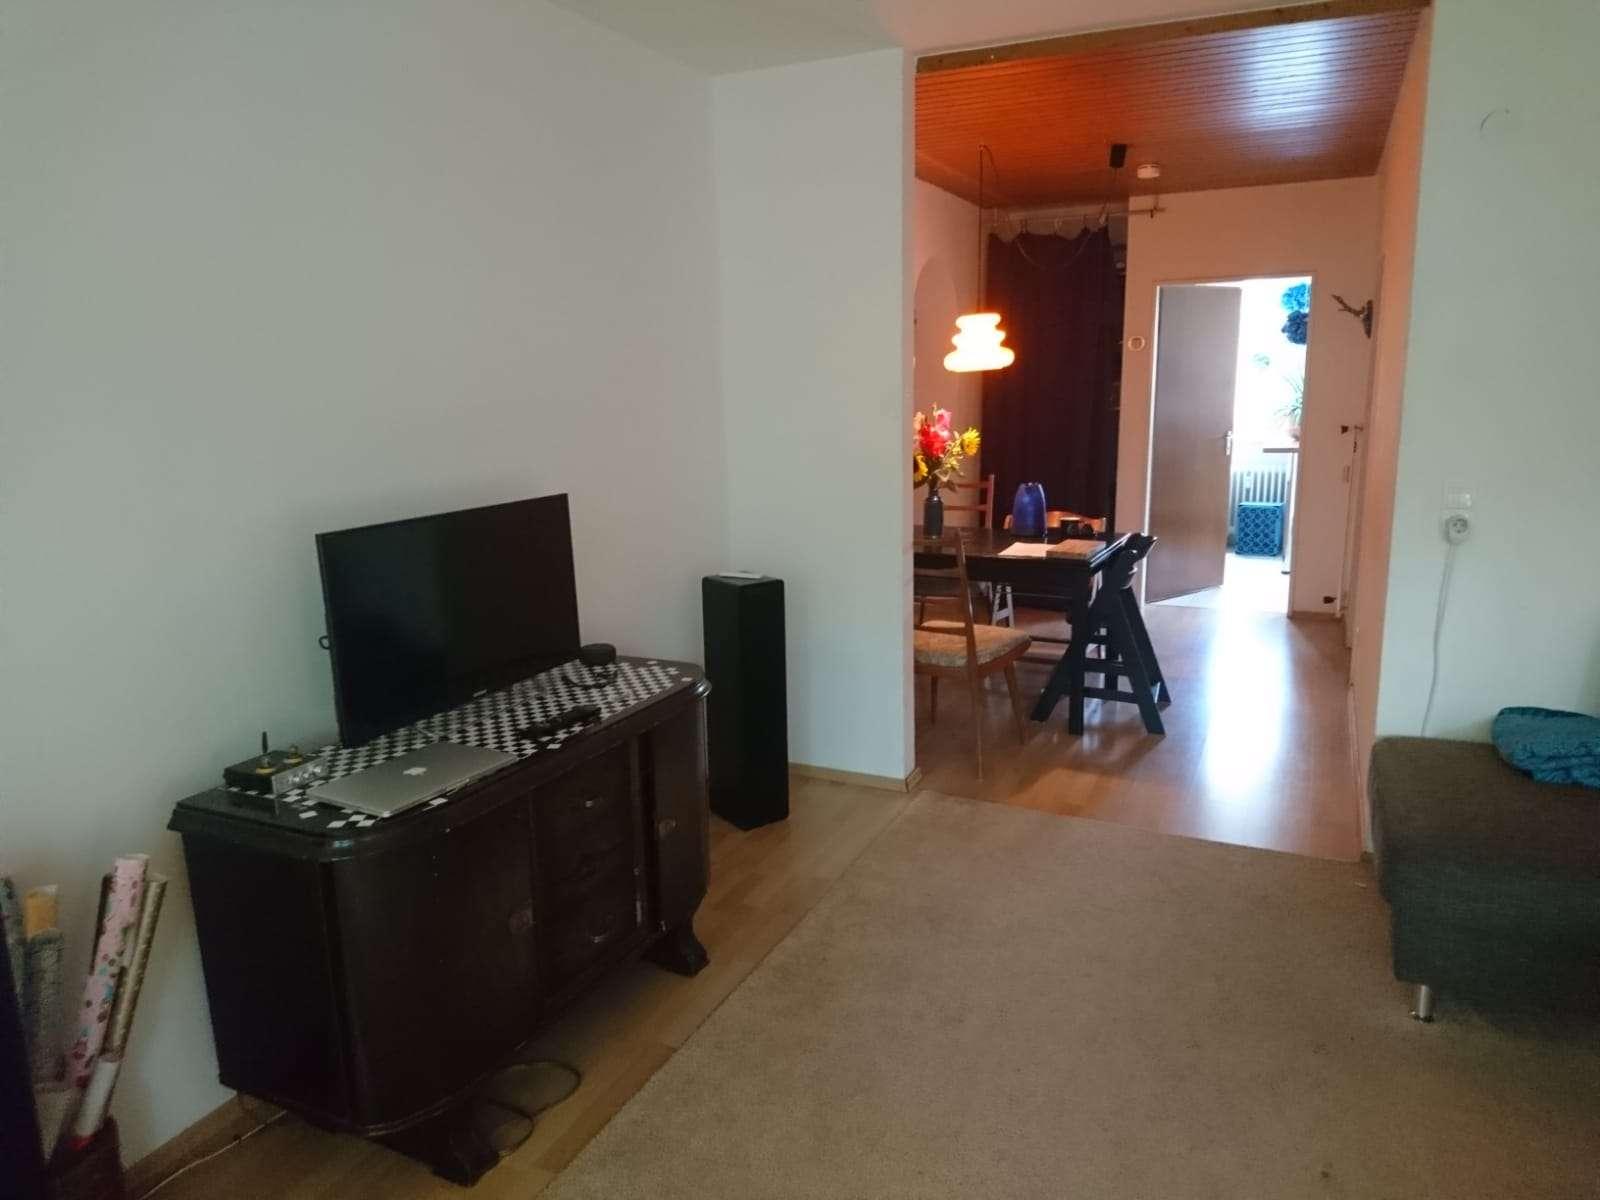 Exklusive, gepflegte 4-Zimmer-Hochparterre-Wohnung mit Balkon und Einbauküche in Nürnberg-Mögeldorf in Mögeldorf (Nürnberg)